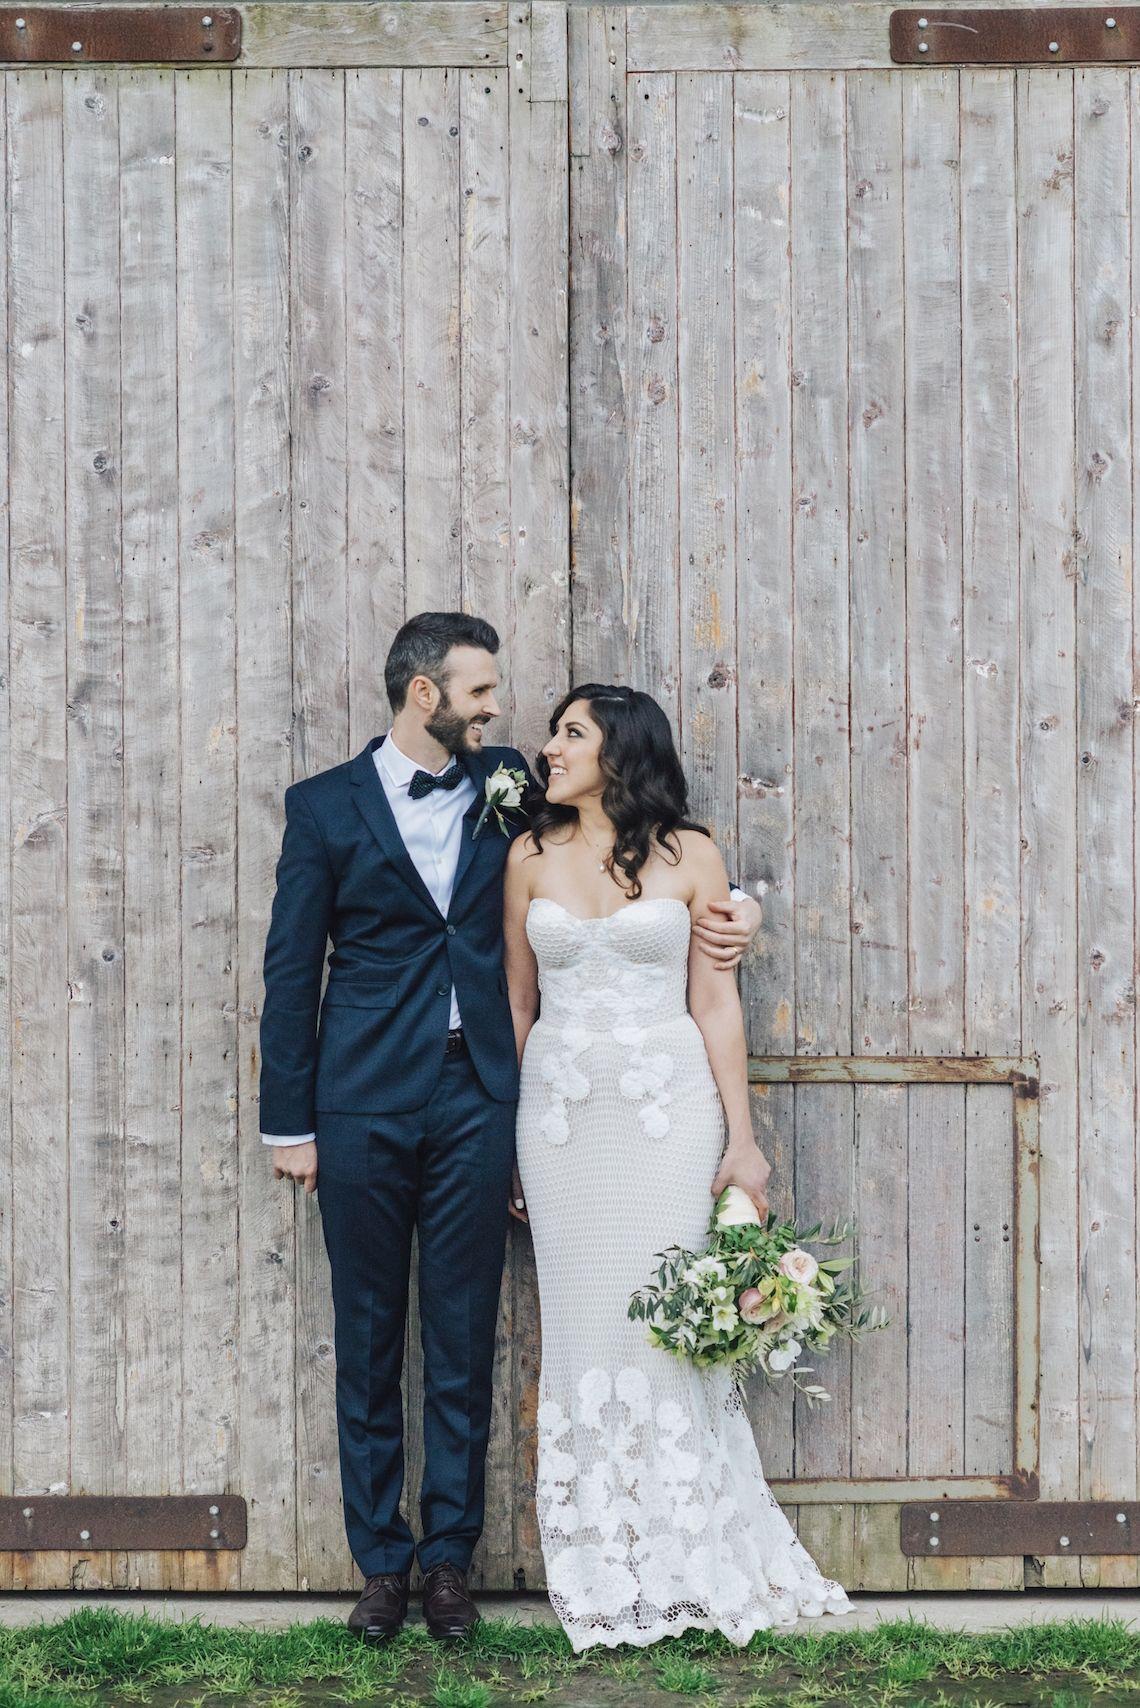 Stylish Barn Wedding in Australia Barn Wedding and Dream wedding